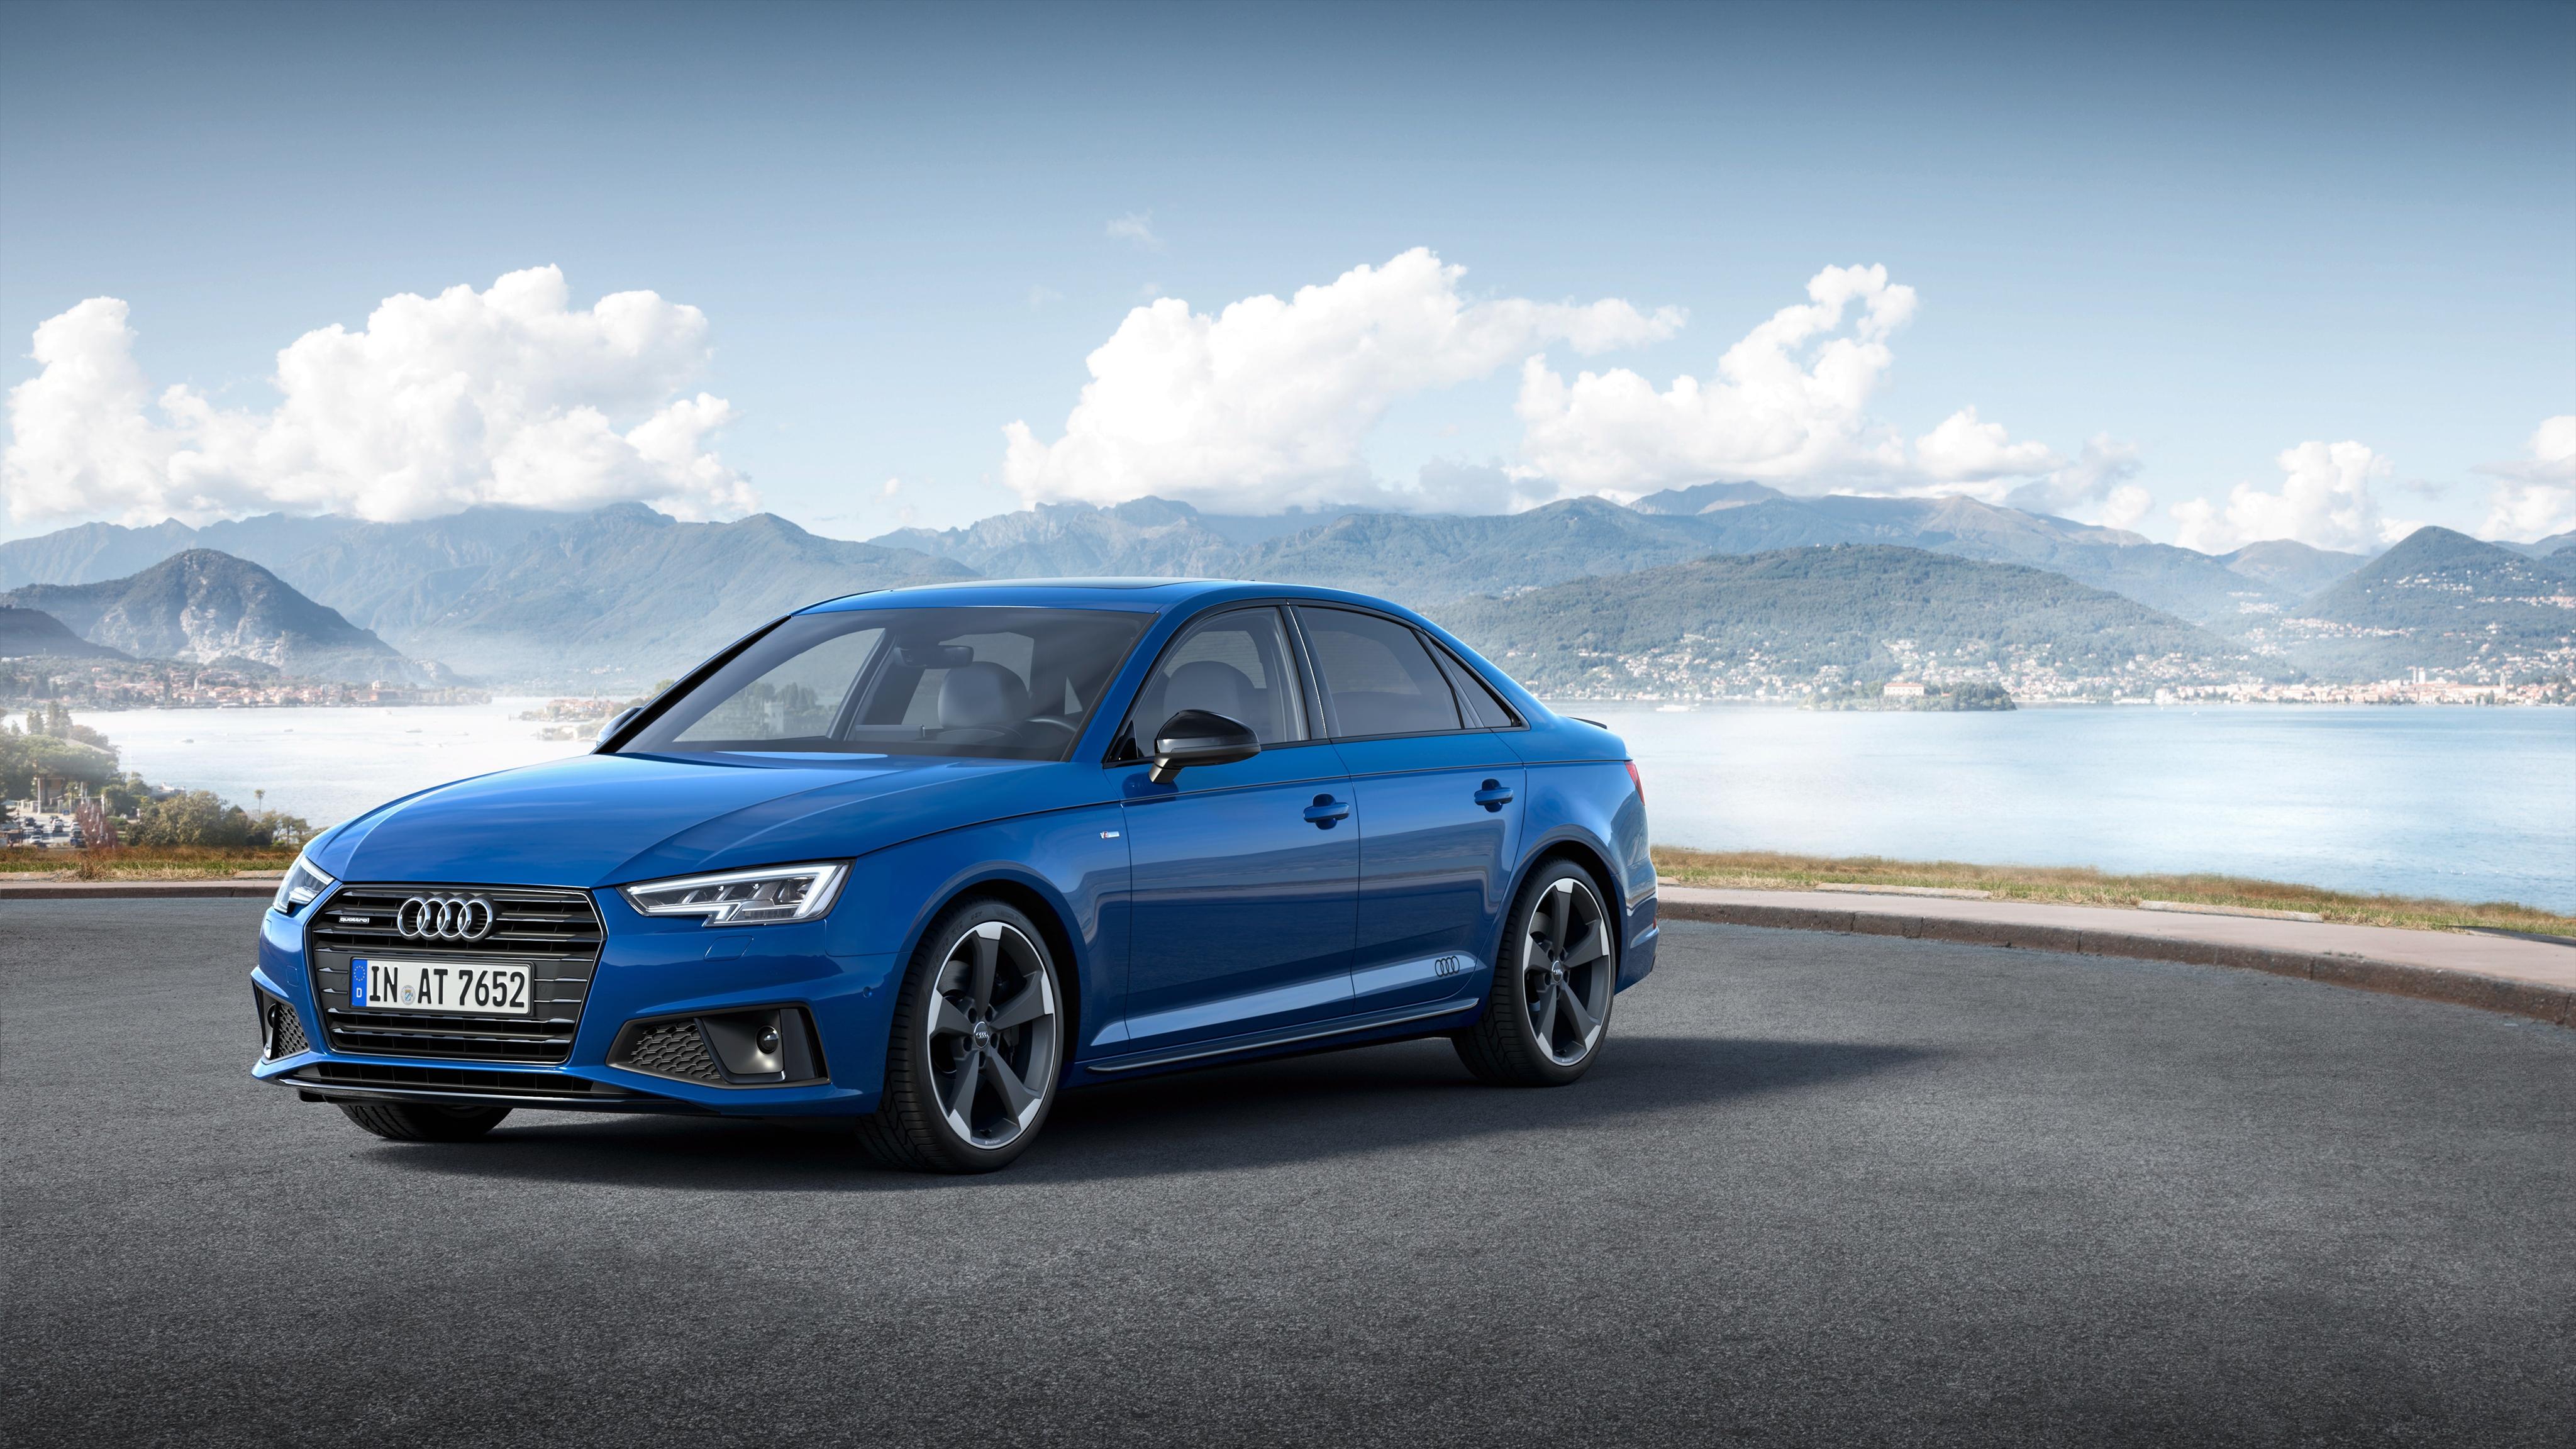 Audi aniverseaza 25 de ani de A4. Vedeta nemtilor a fost vanduta in peste 7.5 milioane de exemplare